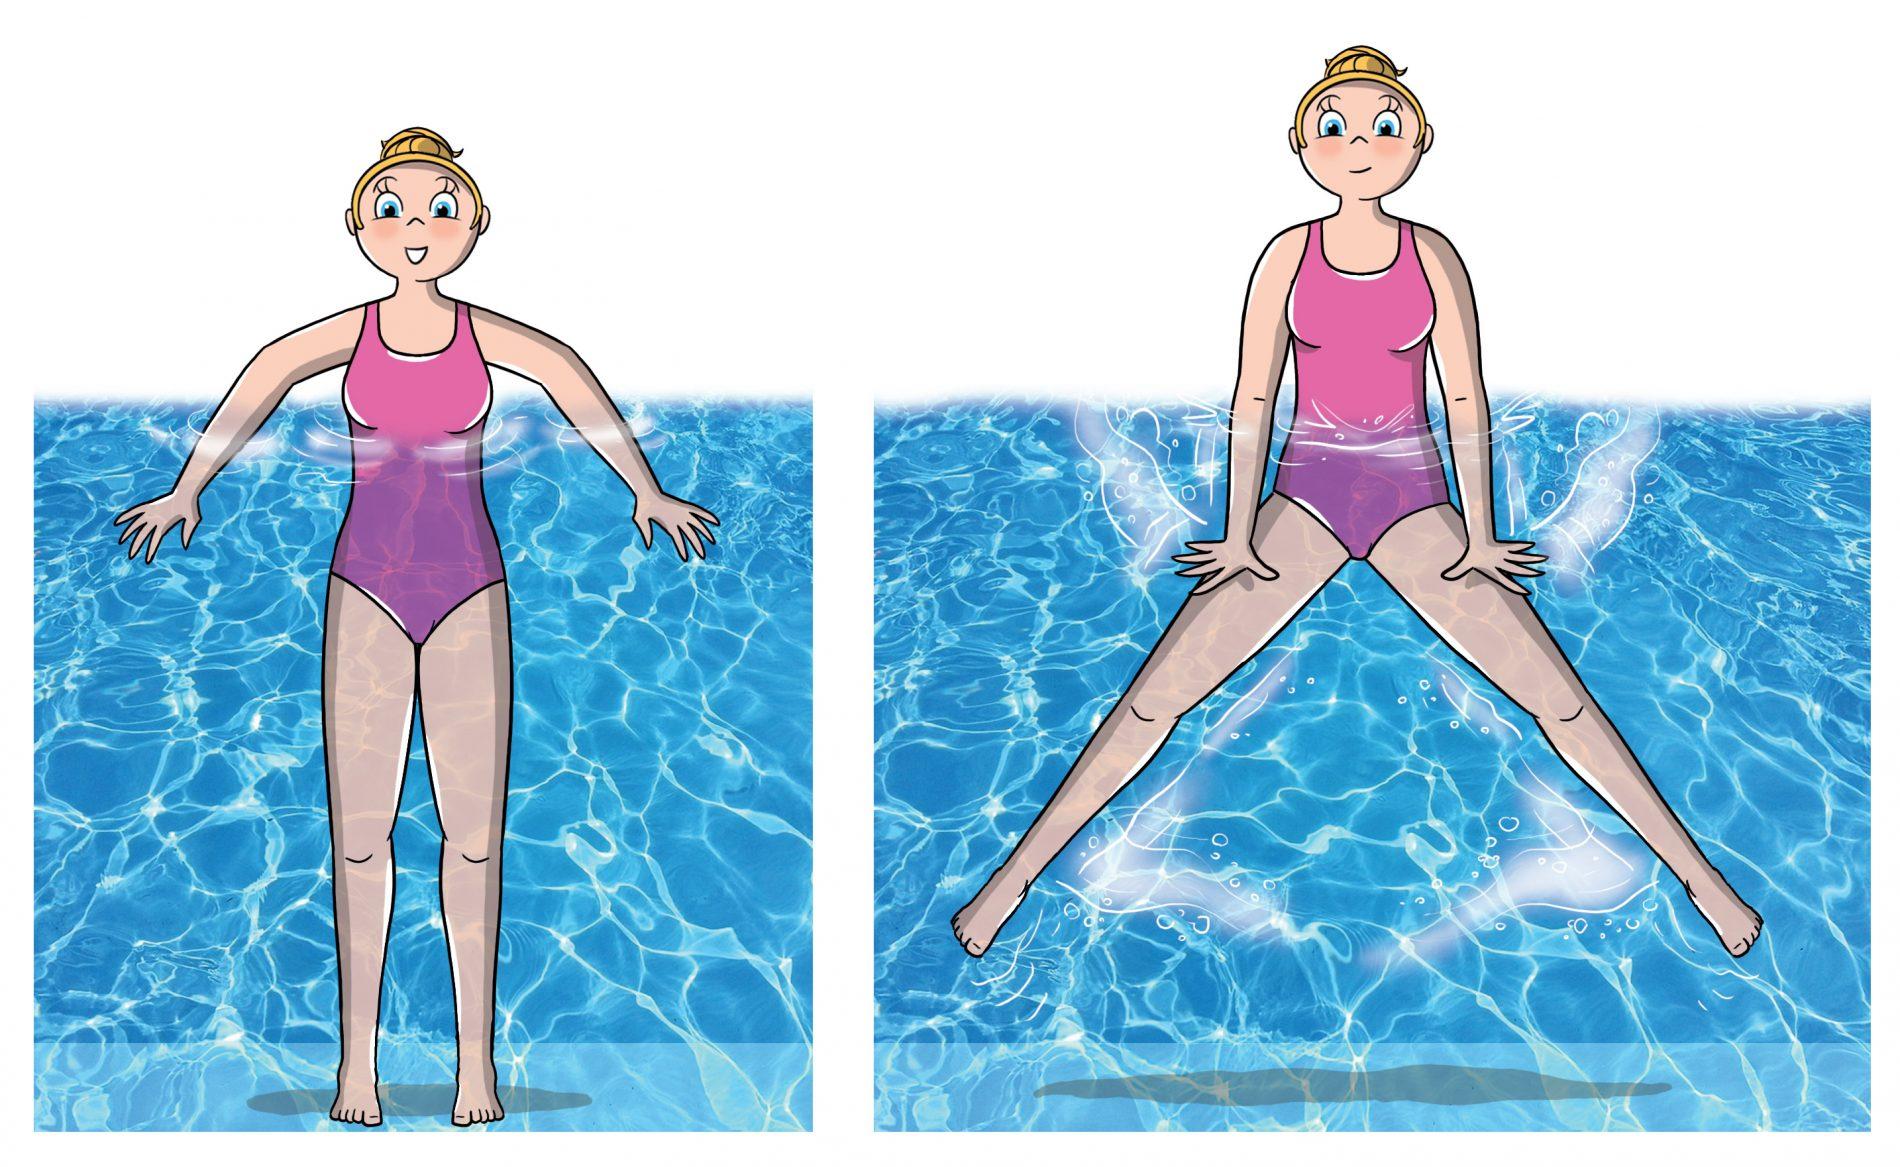 Ginnastica in acqua: illustrazioni